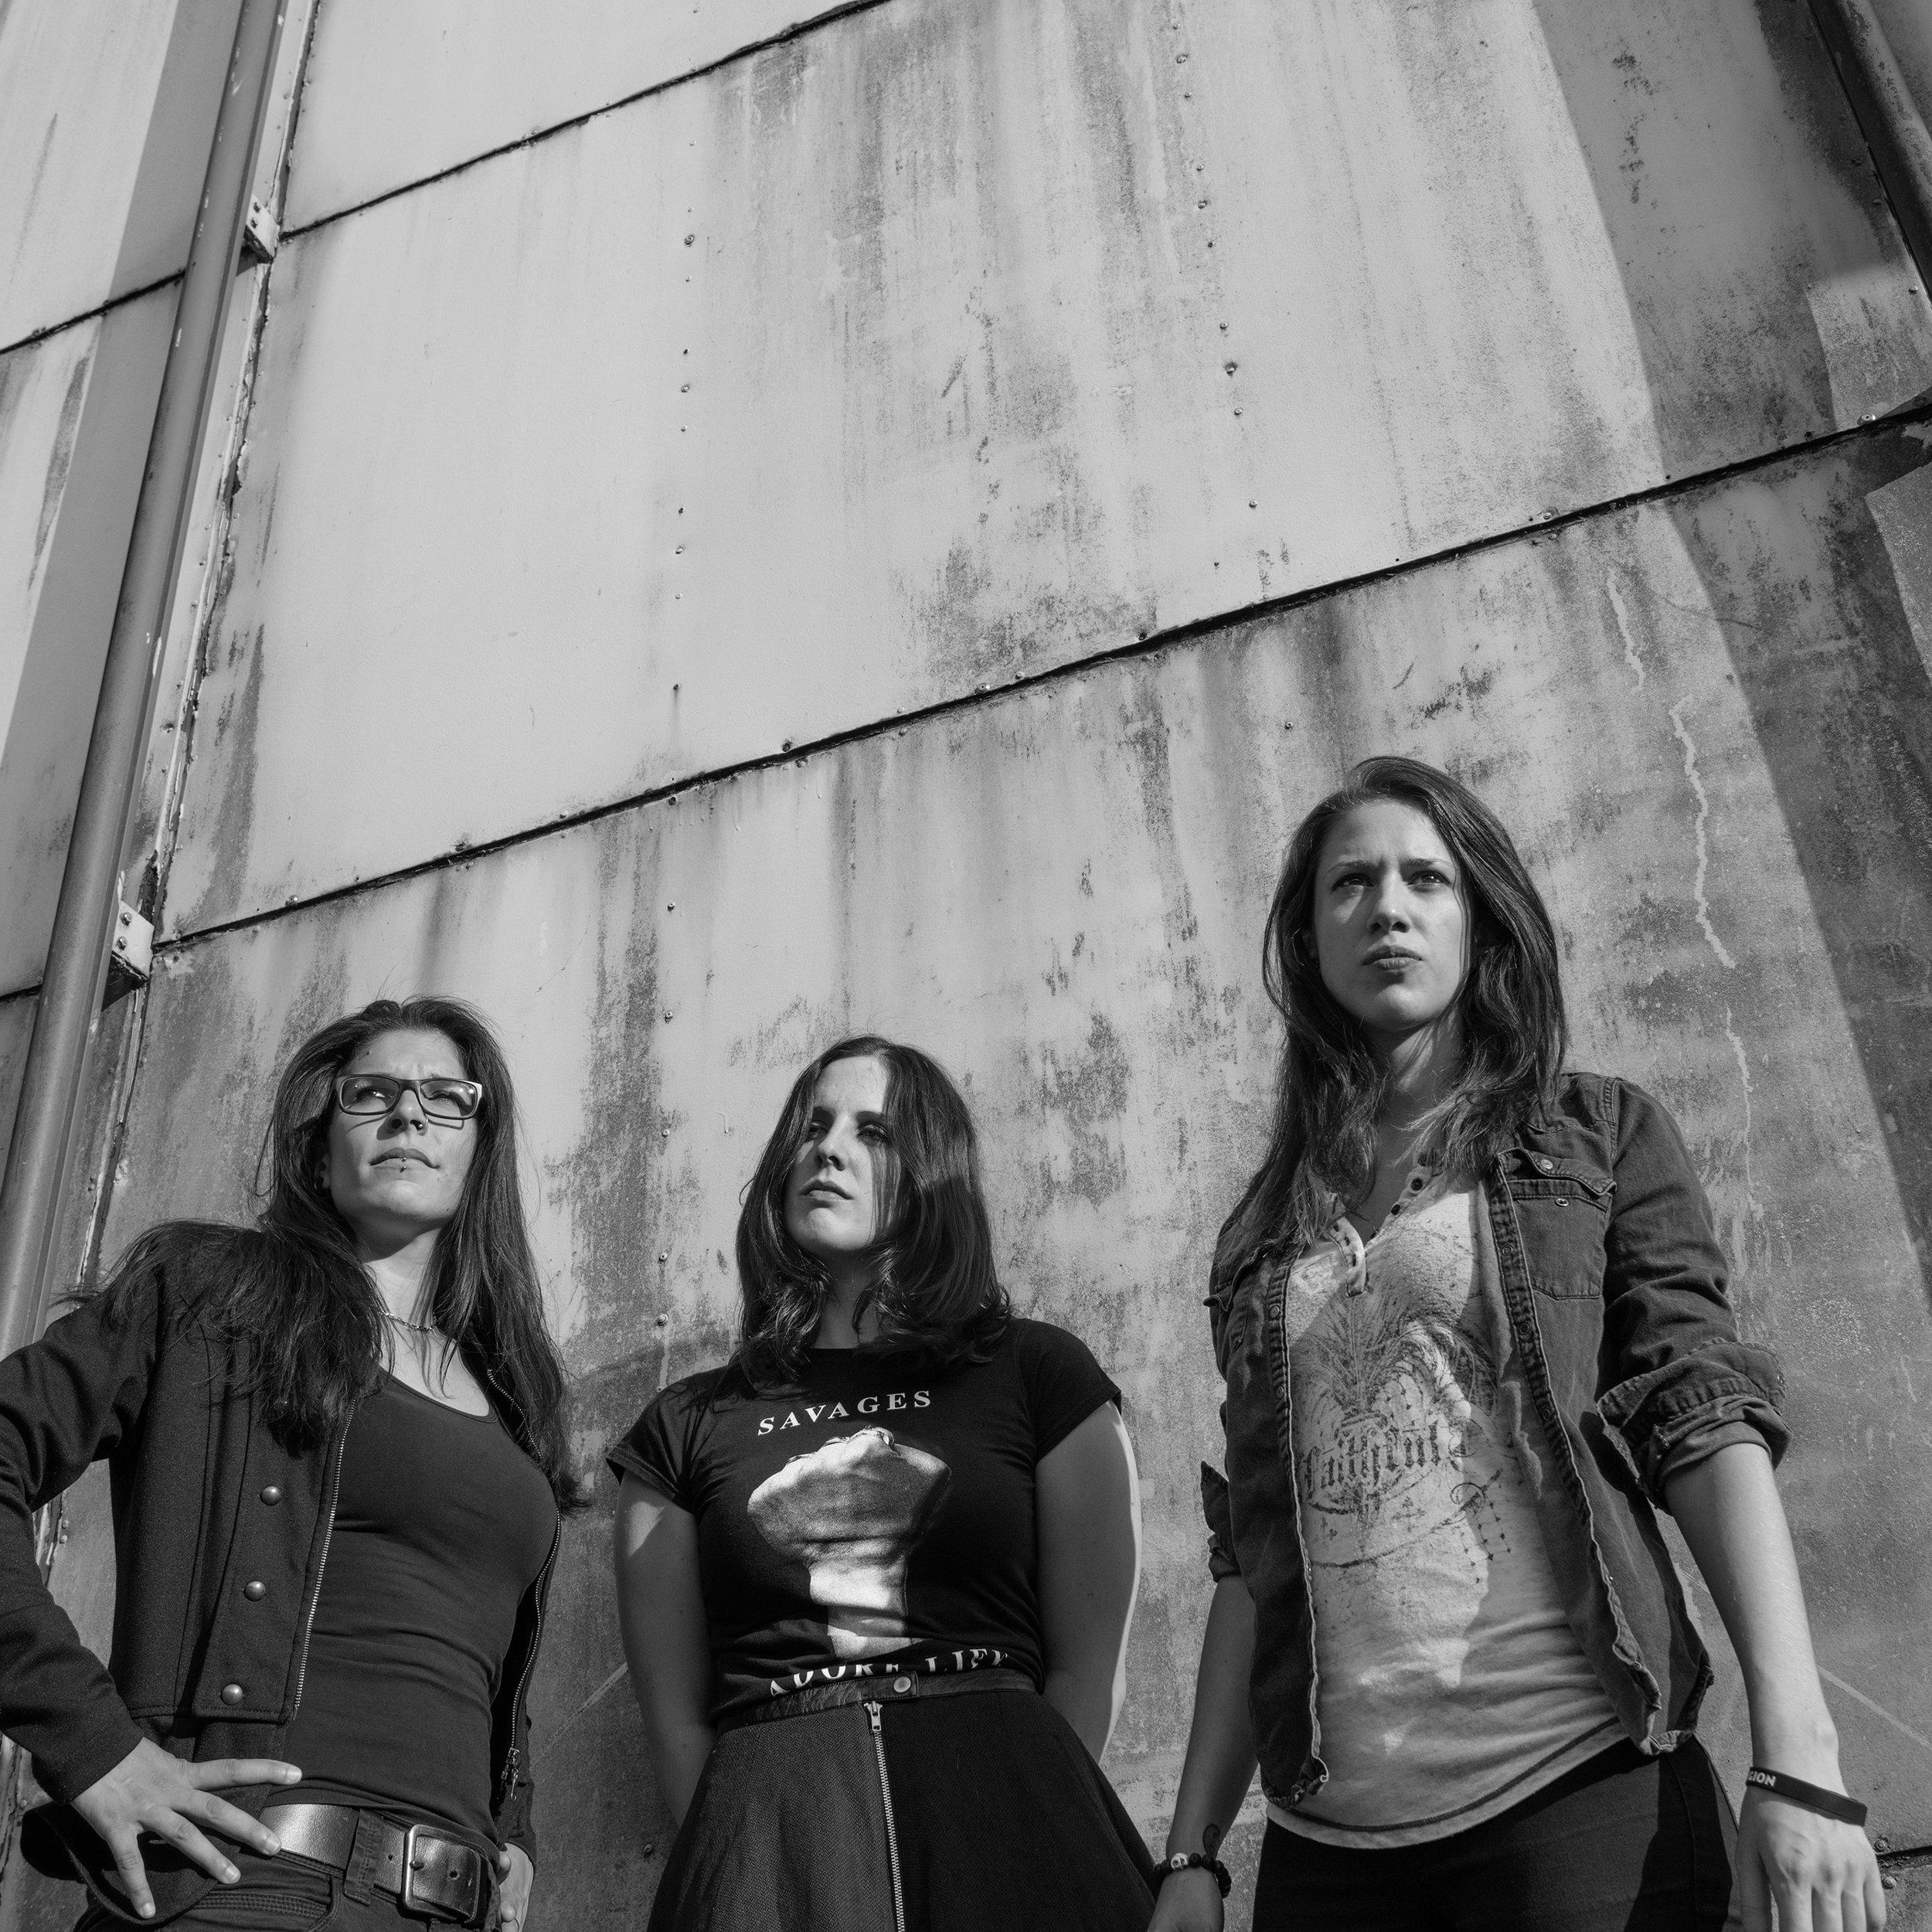 Dead Milly - ZRHWer ist Milly, und wieso ist sie tot? Das Zürcher Trio Dead Milly spielt tanzba- ren Alternative Rock irgendwo zwischen Mittelmeer, Reisefieber und dem drin- genden Wunsch nach mehr lauten Gi- tarren. Die drei Musikerinnen werfen ihre Musikpräferenzen in einen grossen Topf und rühren kräftig in dieser Suppe aus Metal, Rock'n'Roll und Popmusik. Nach dem Erscheinen der Debut-EP «refused» im 2018 spielte DeadMilly eine kleine Osteuropatour im Mai 2019 und ist nun zurück auf unseren Bühnen.